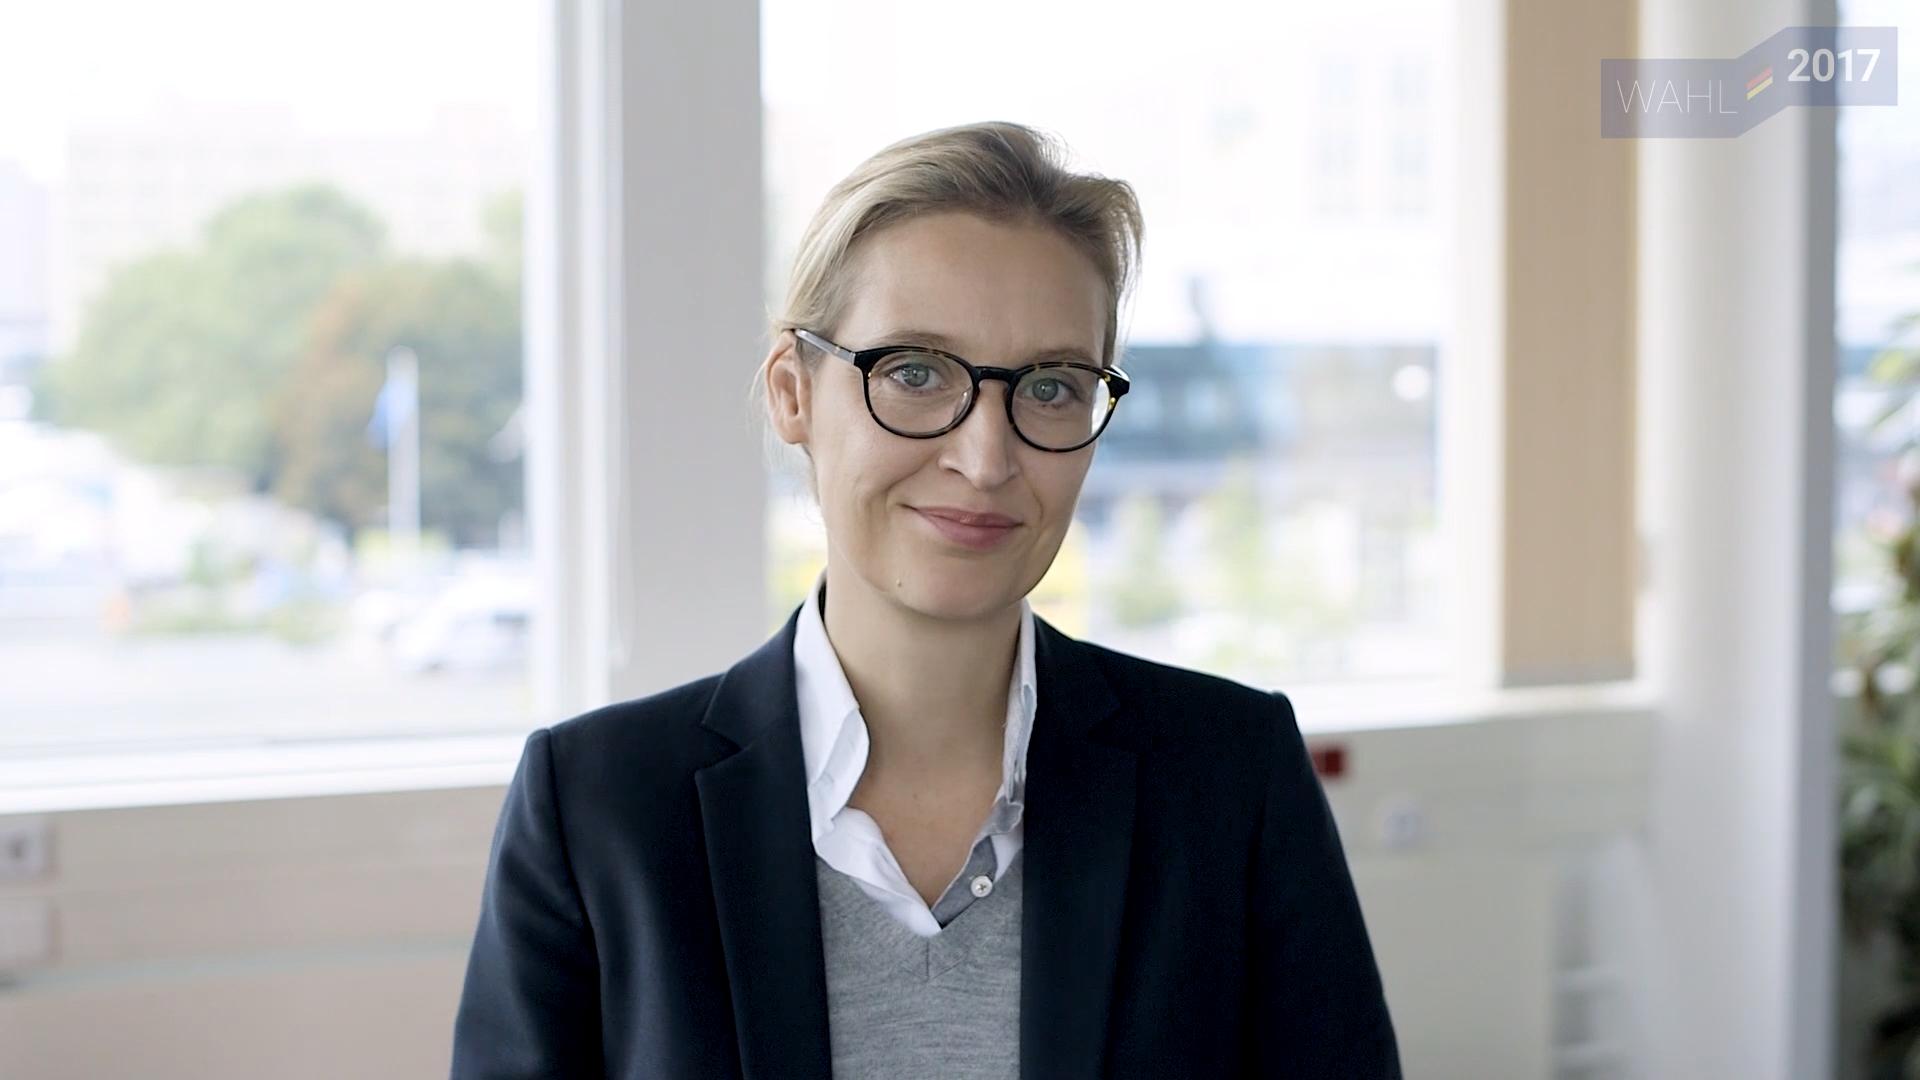 Bild zu Alice Weidel, Bundestagswahl, AfD, Wahl, Interview